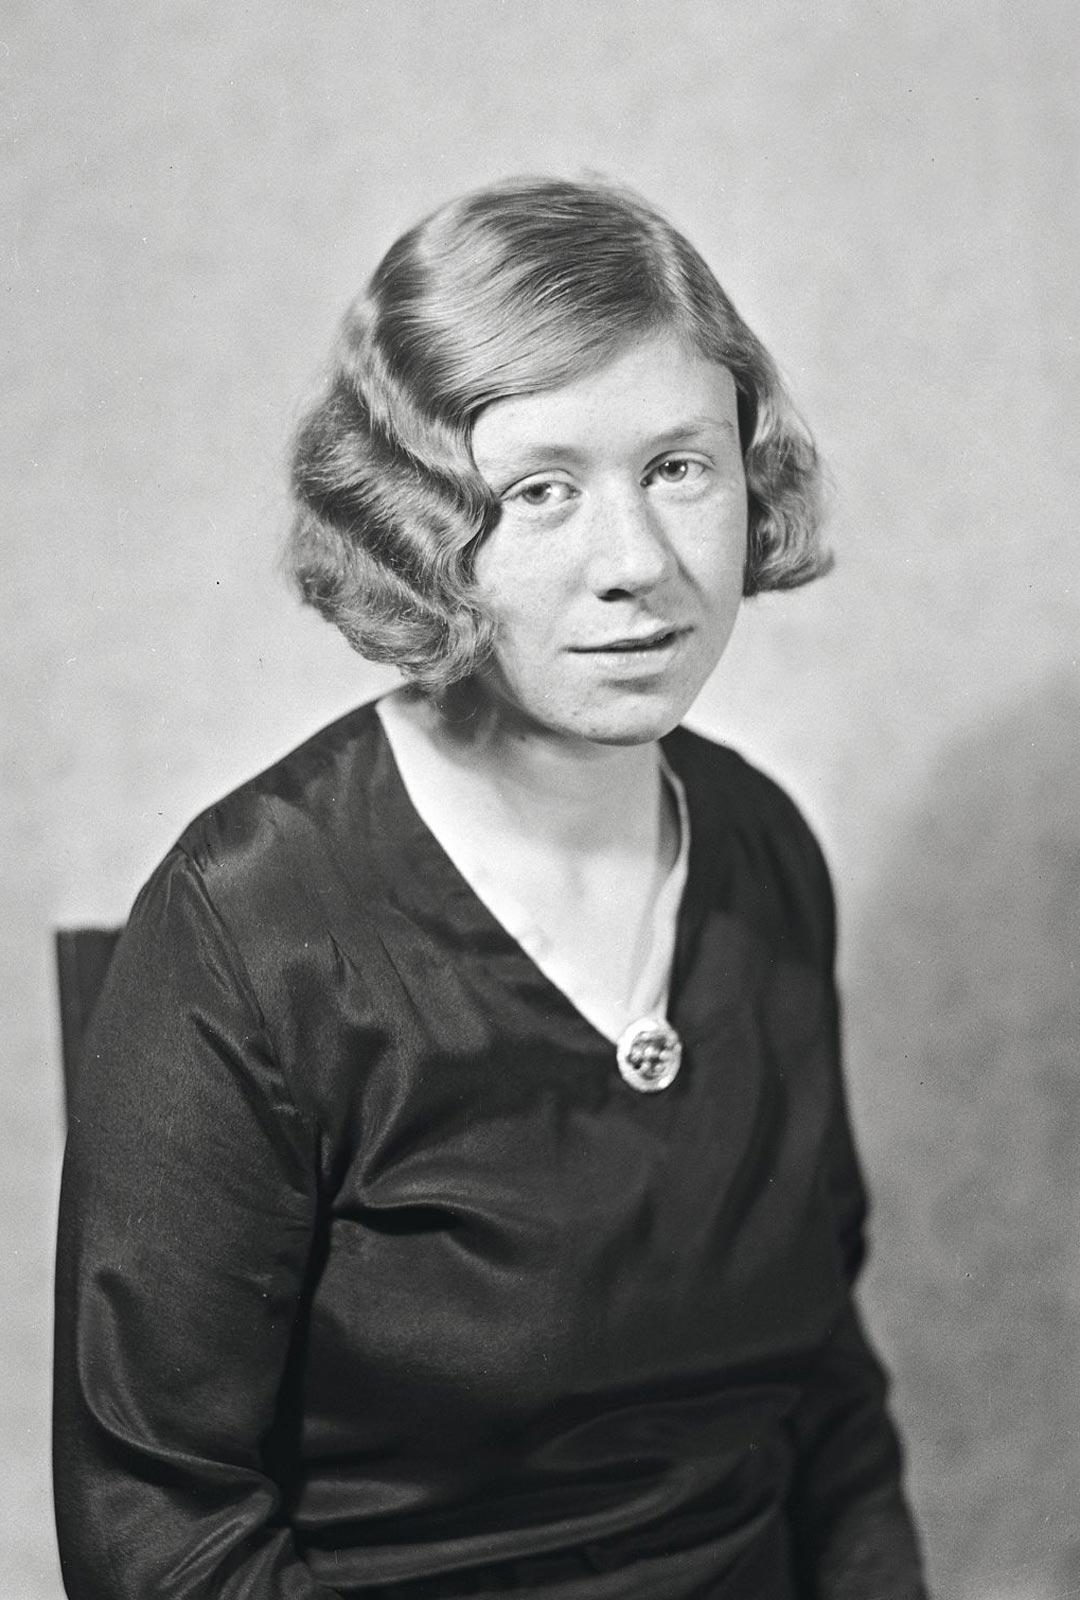 """Näin kirjoitti Saima Harmaja sairaalassa 1931: """"Minun selkäni takana yskii/kuoleva ihminen./Minä en ole kuollut vielä,/minä elän ja vapisen."""""""